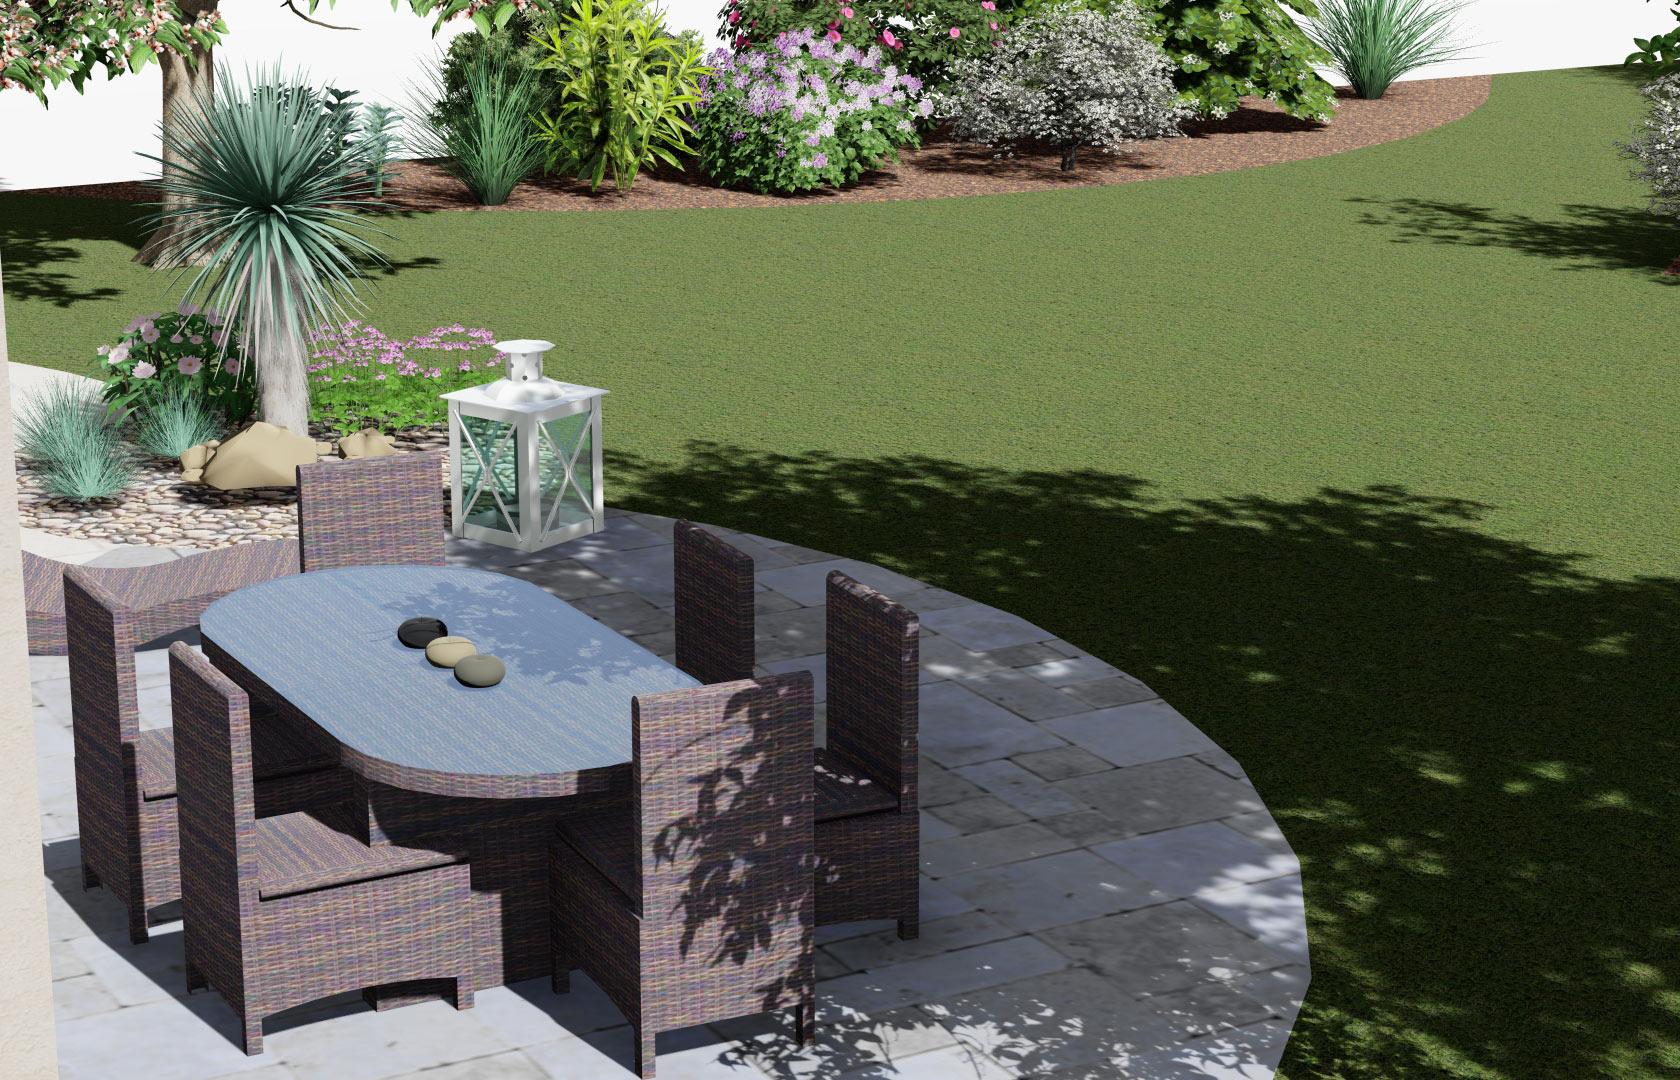 Mettre en valeur votre jardin et notre métier.